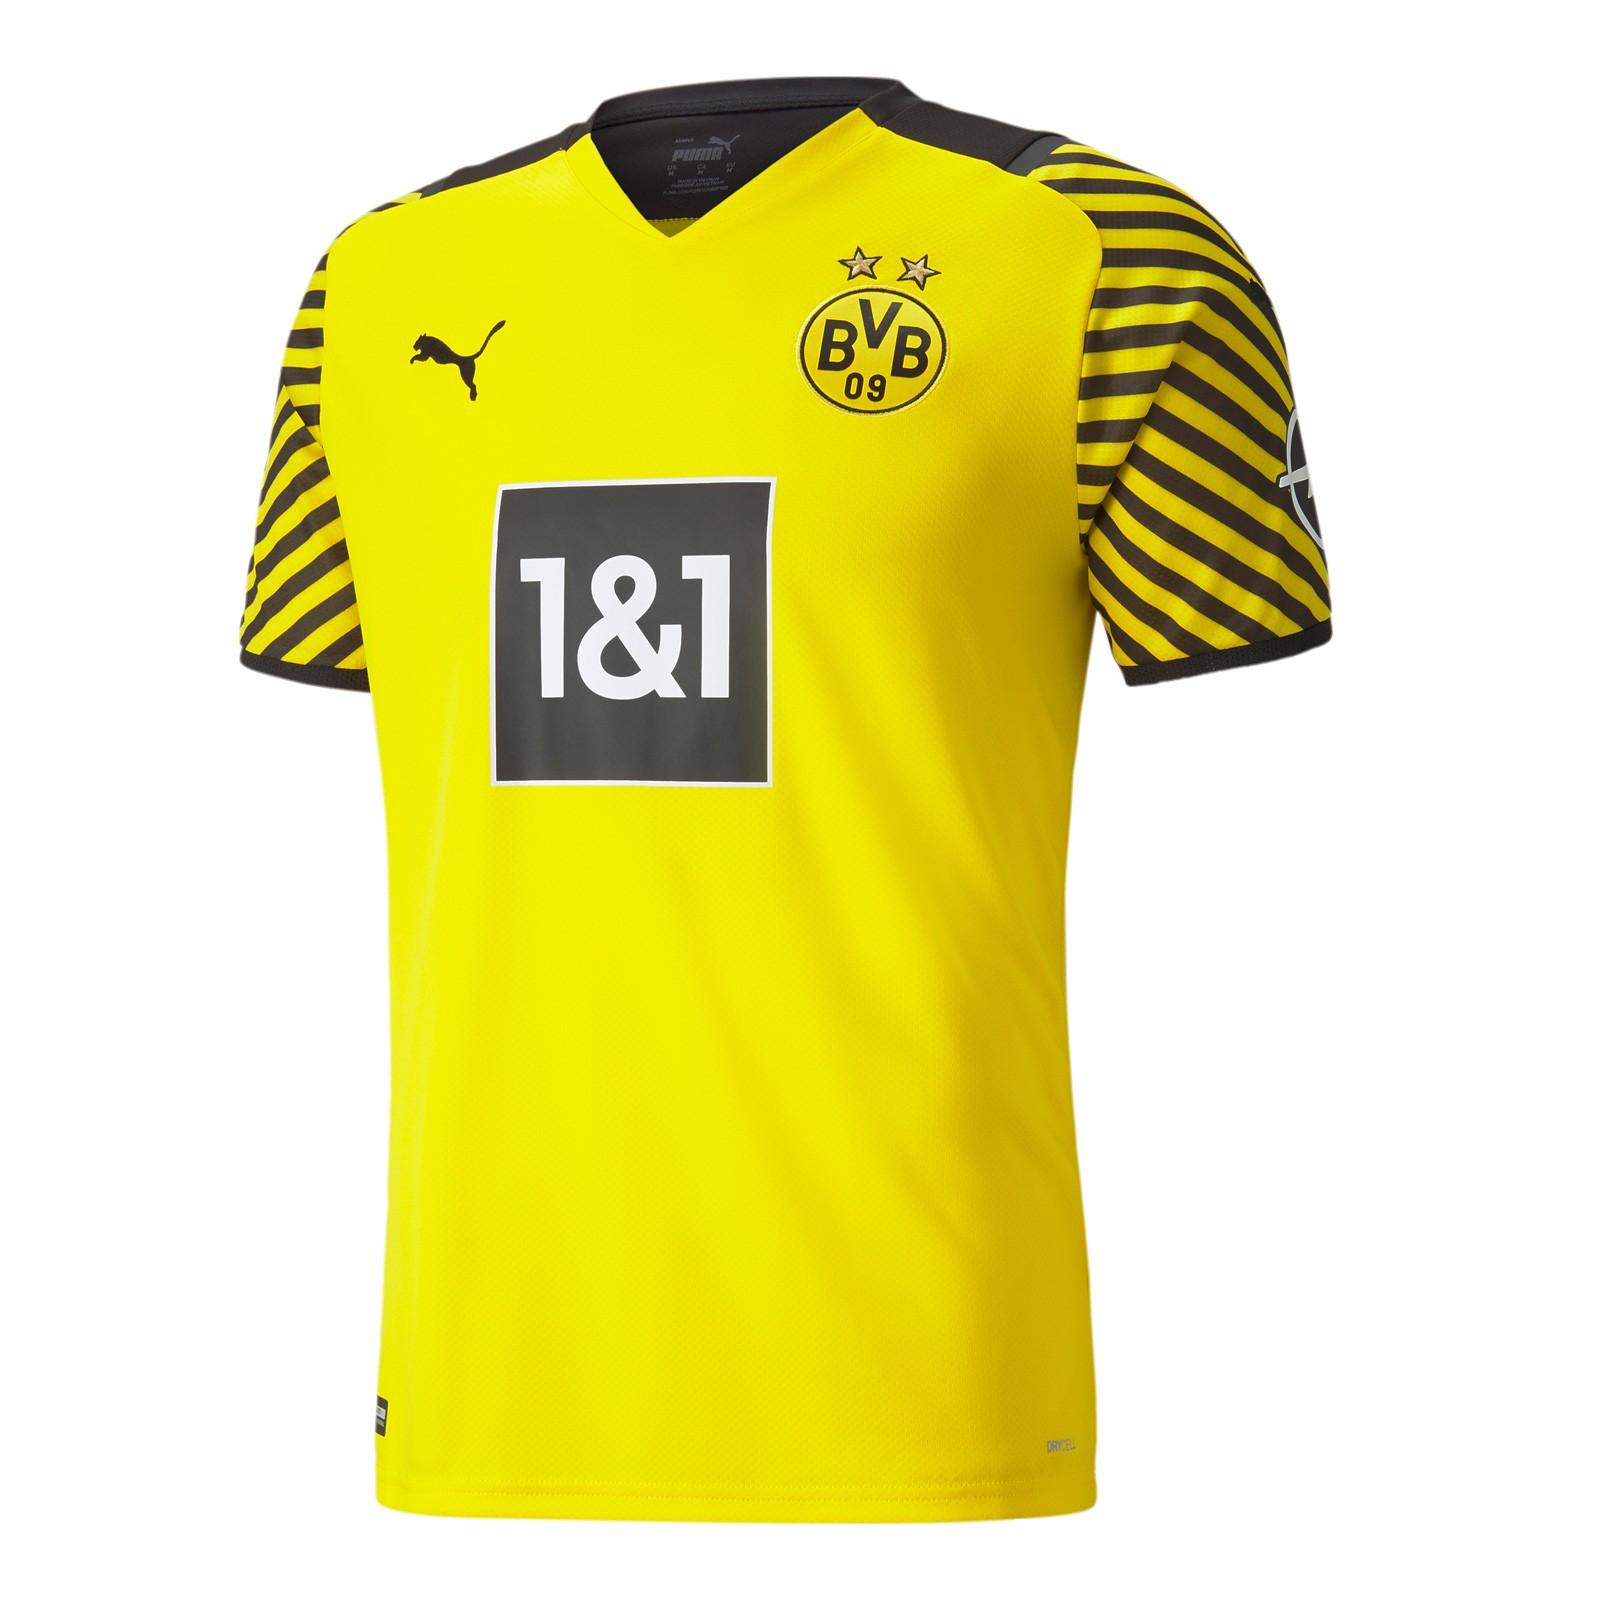 多特蒙德2021-22赛季球迷版主场球衣